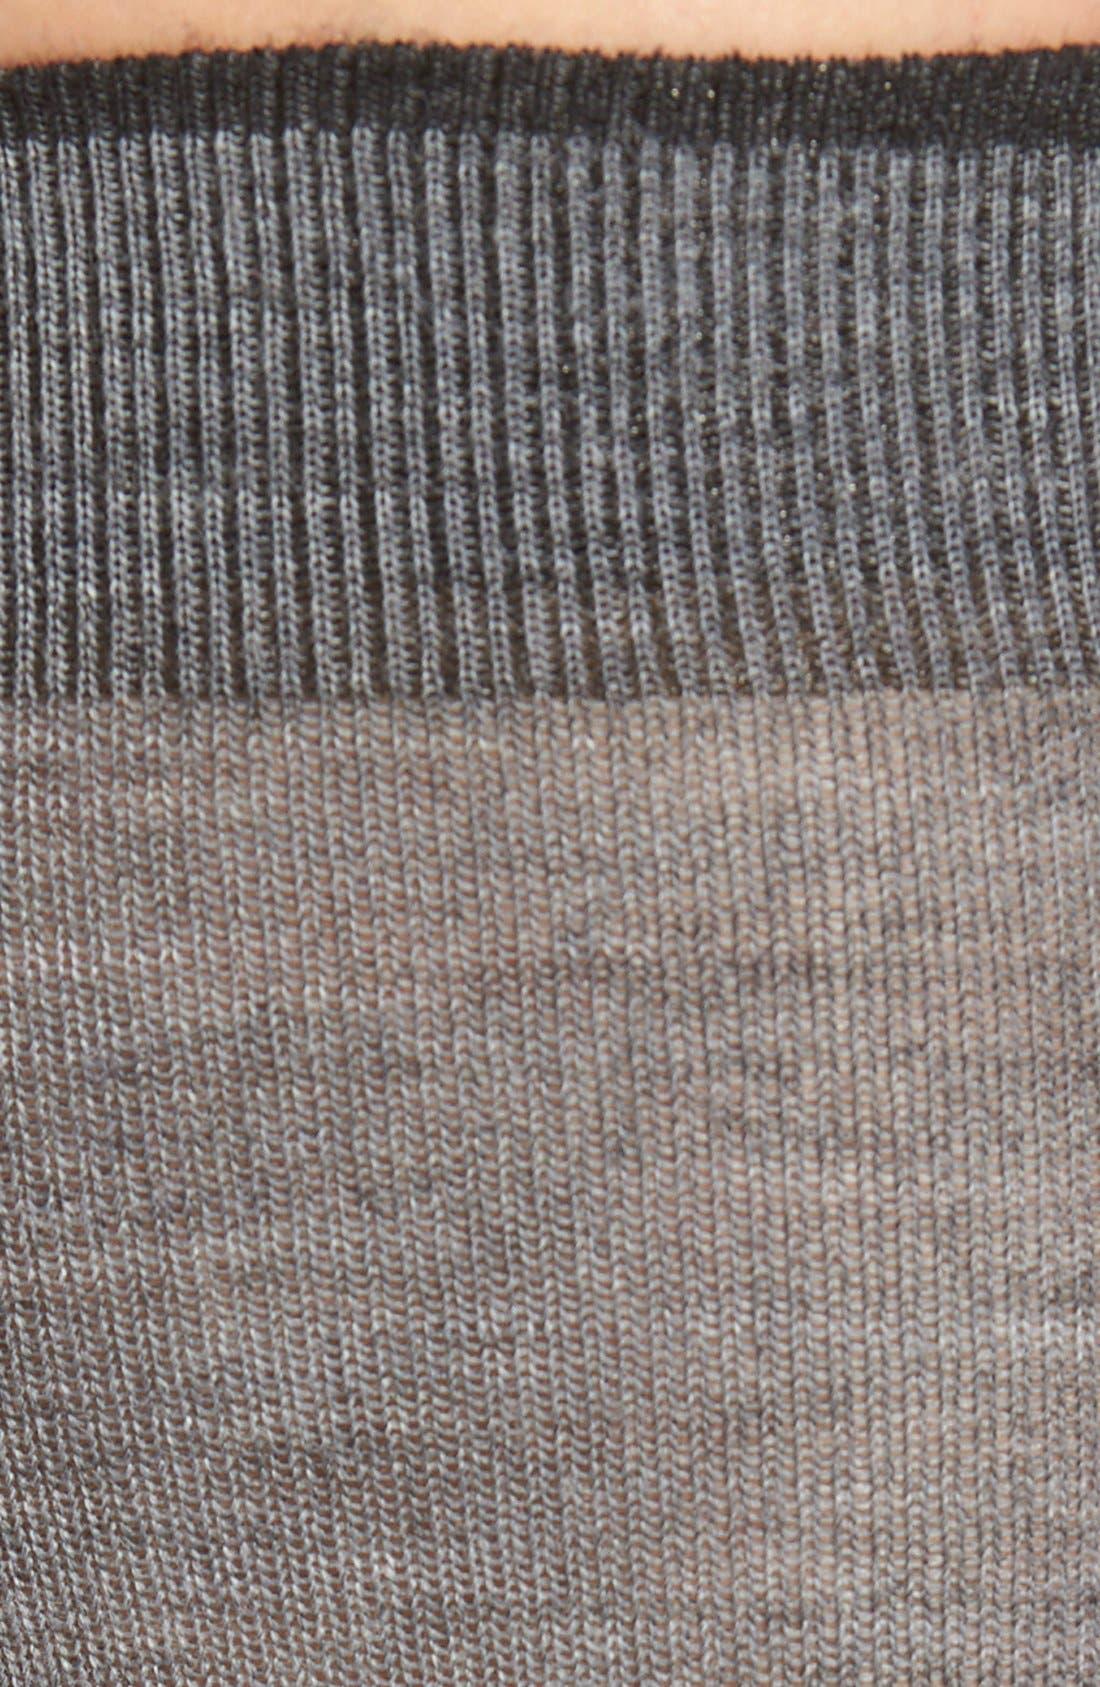 Alternate Image 2  - SmartwoolMerino Wool Blend Knee High Socks